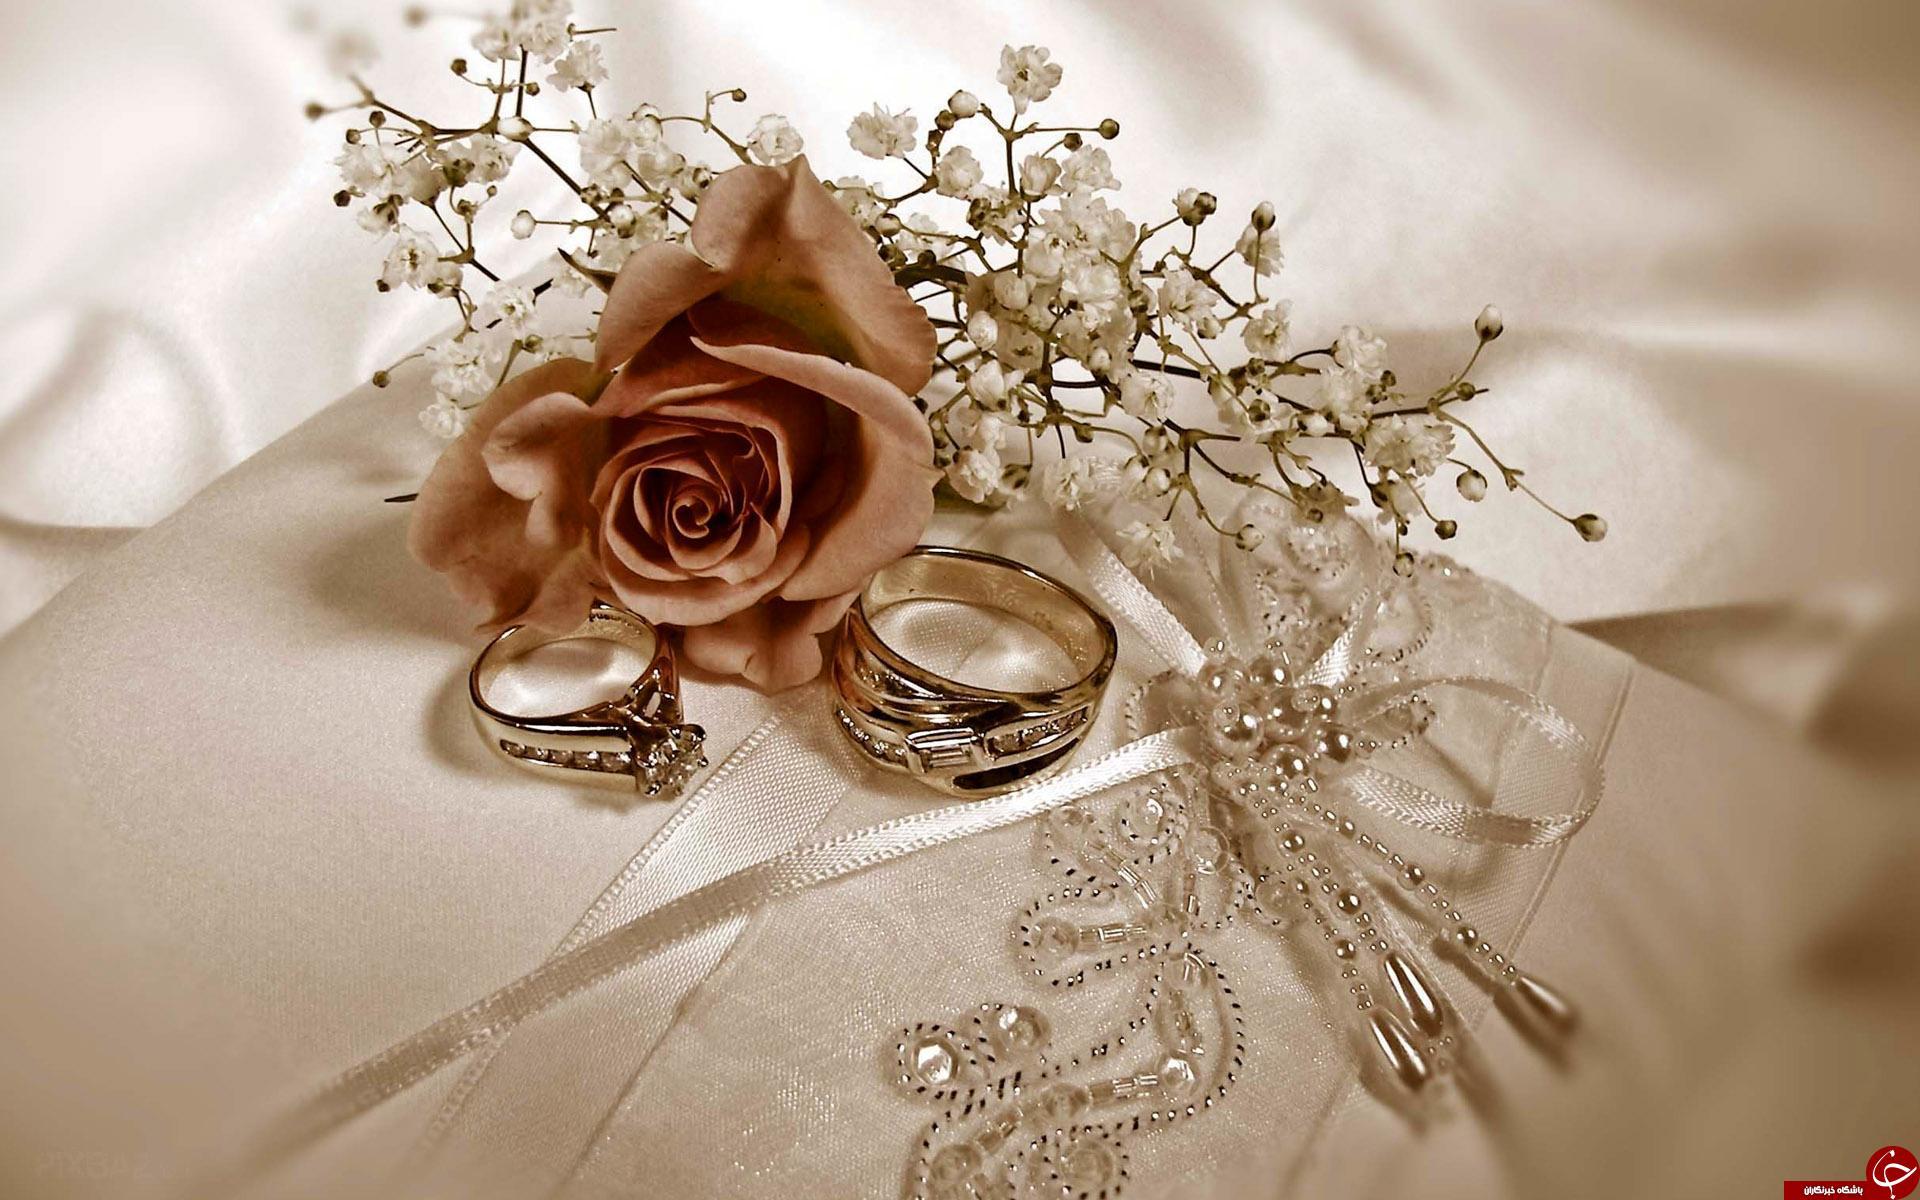 راهکارهای شوهریابی برای دختران/ مسائلی که دختران در زمان ازدواج باید به آن توجه کنند /اصول رفتاری با مردی که سر راه دختران قرار میگیرد